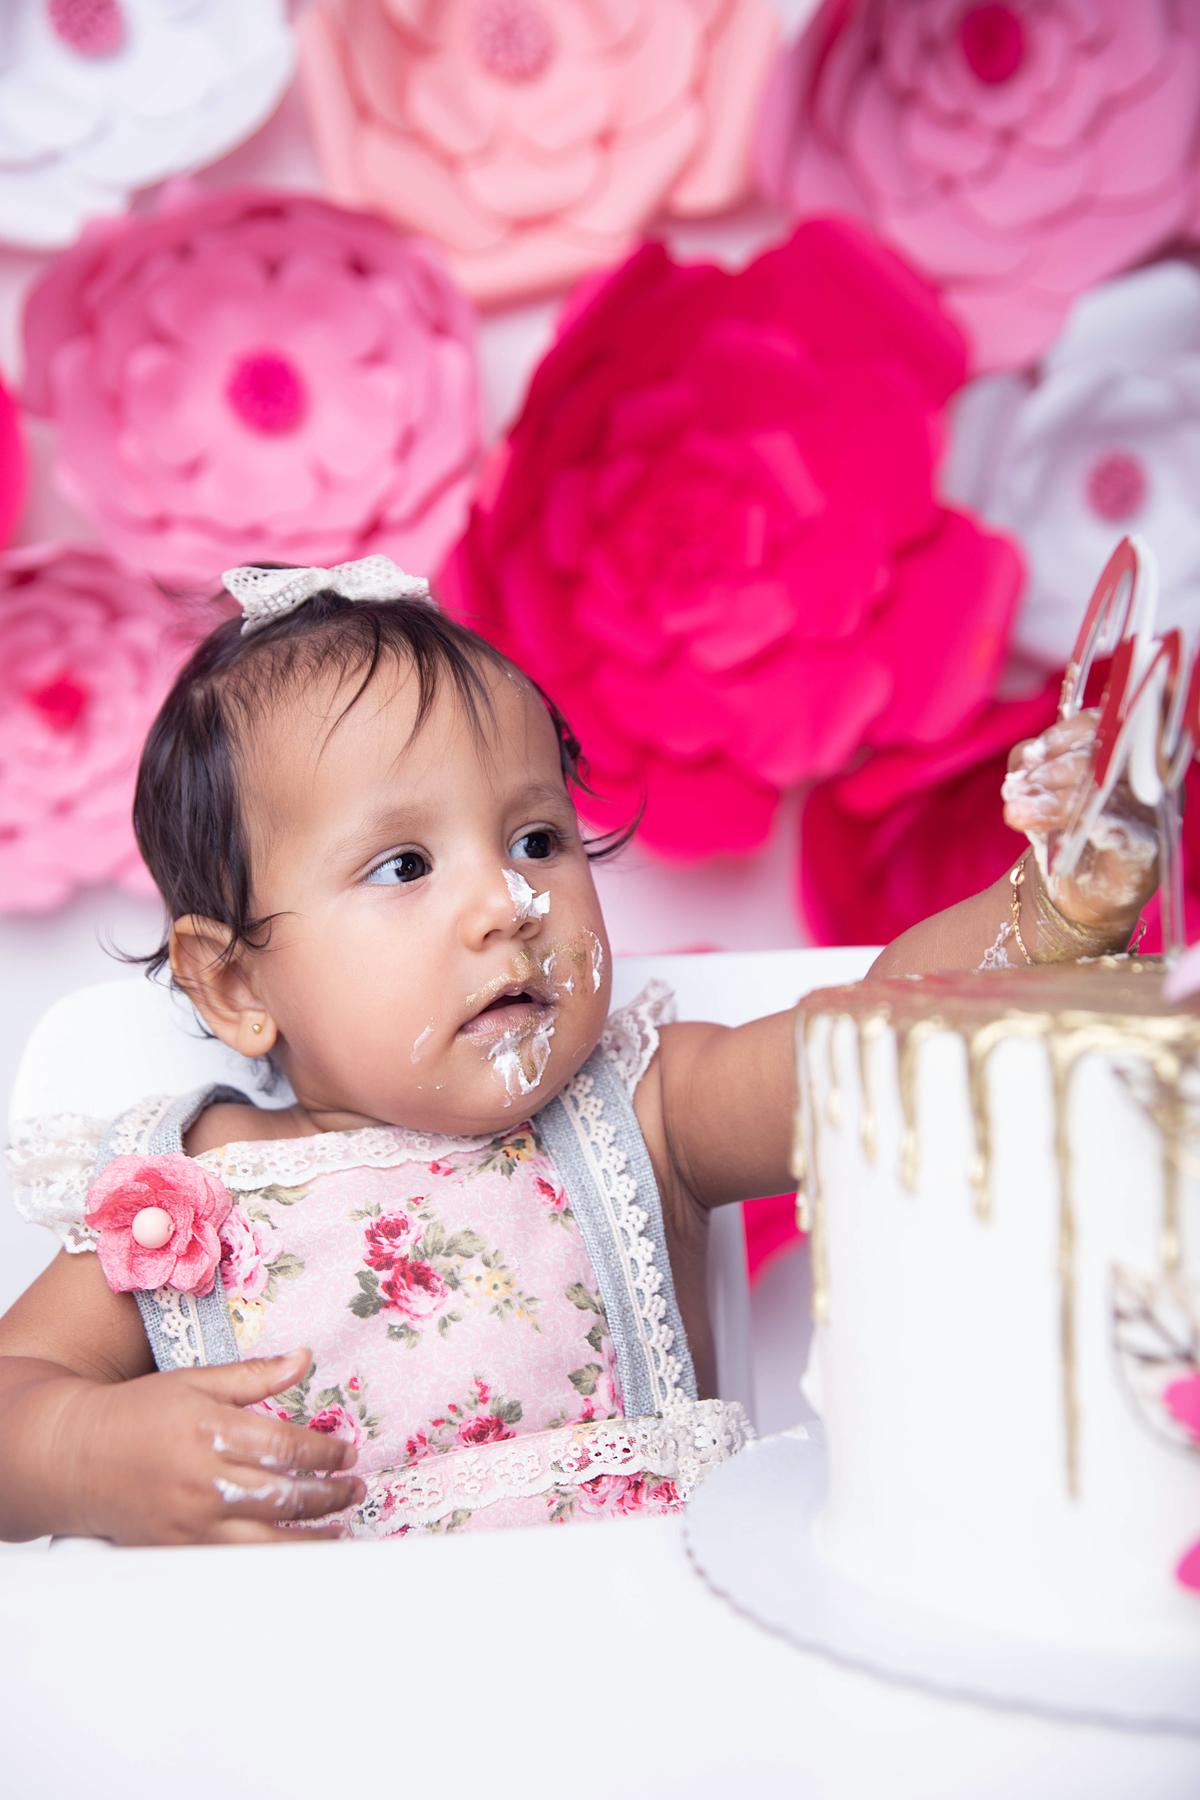 vou pegar mais um pouco smash the cake, flores Brasilia DF